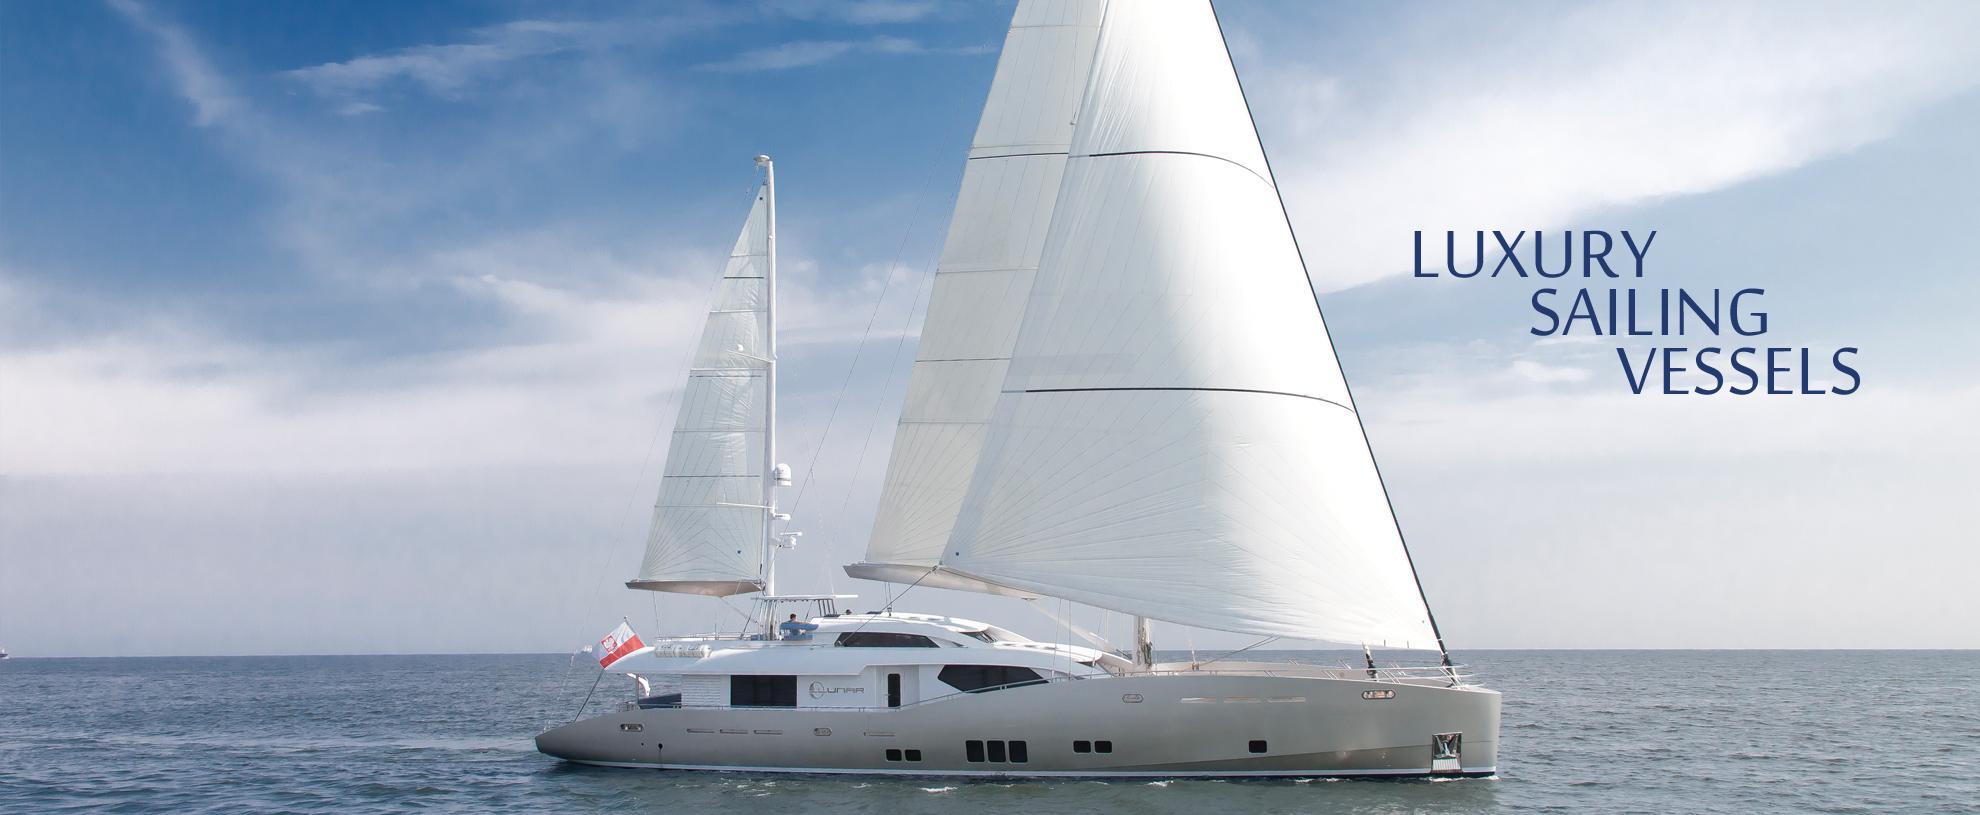 626b2dab8473 Sailing Vessels and Luxury Craft - Marine Projects Ltd.